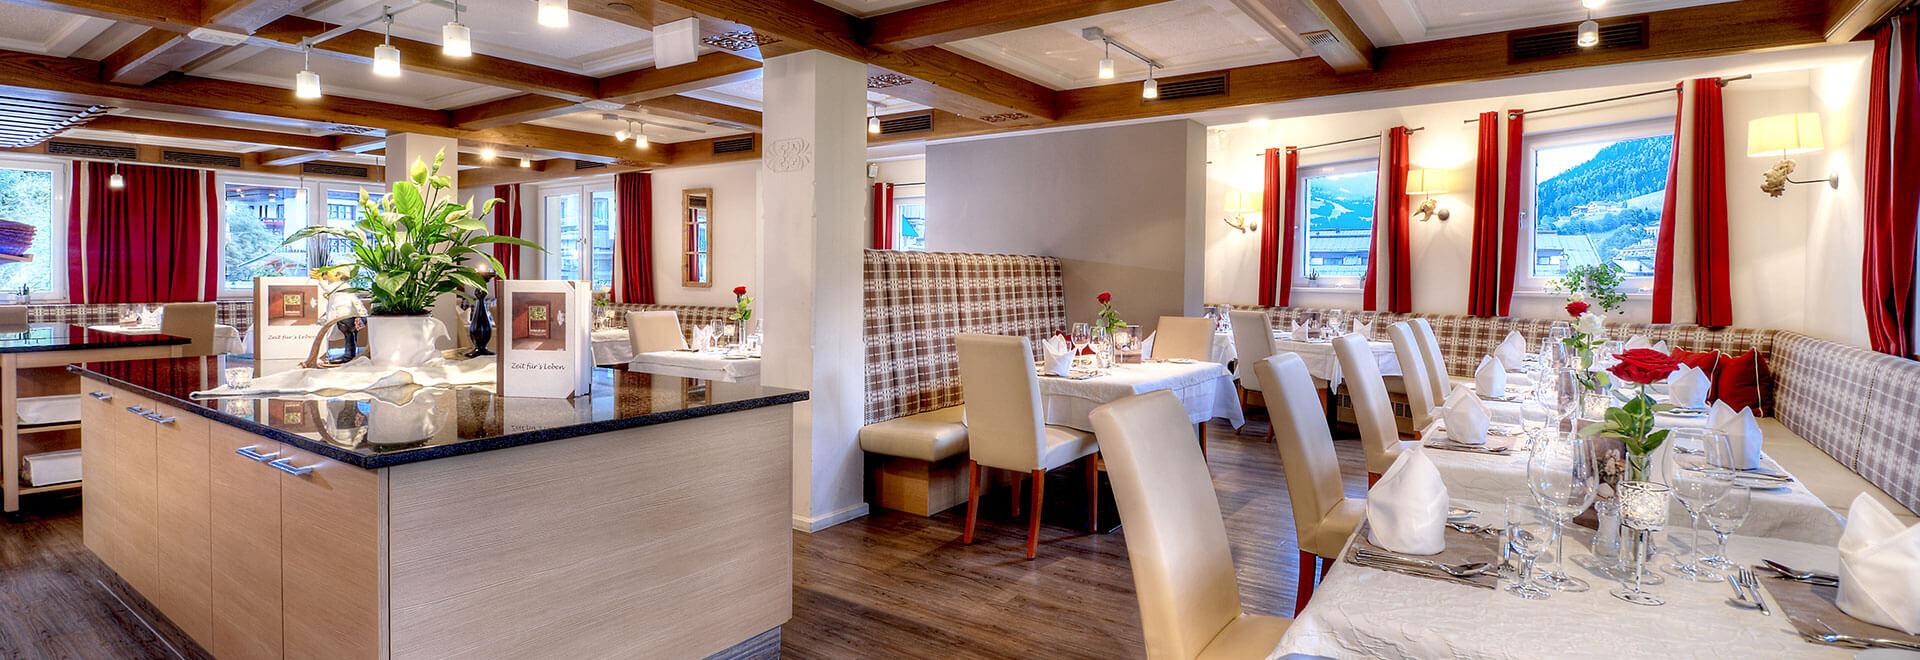 Restaurant im Hotel Schachner